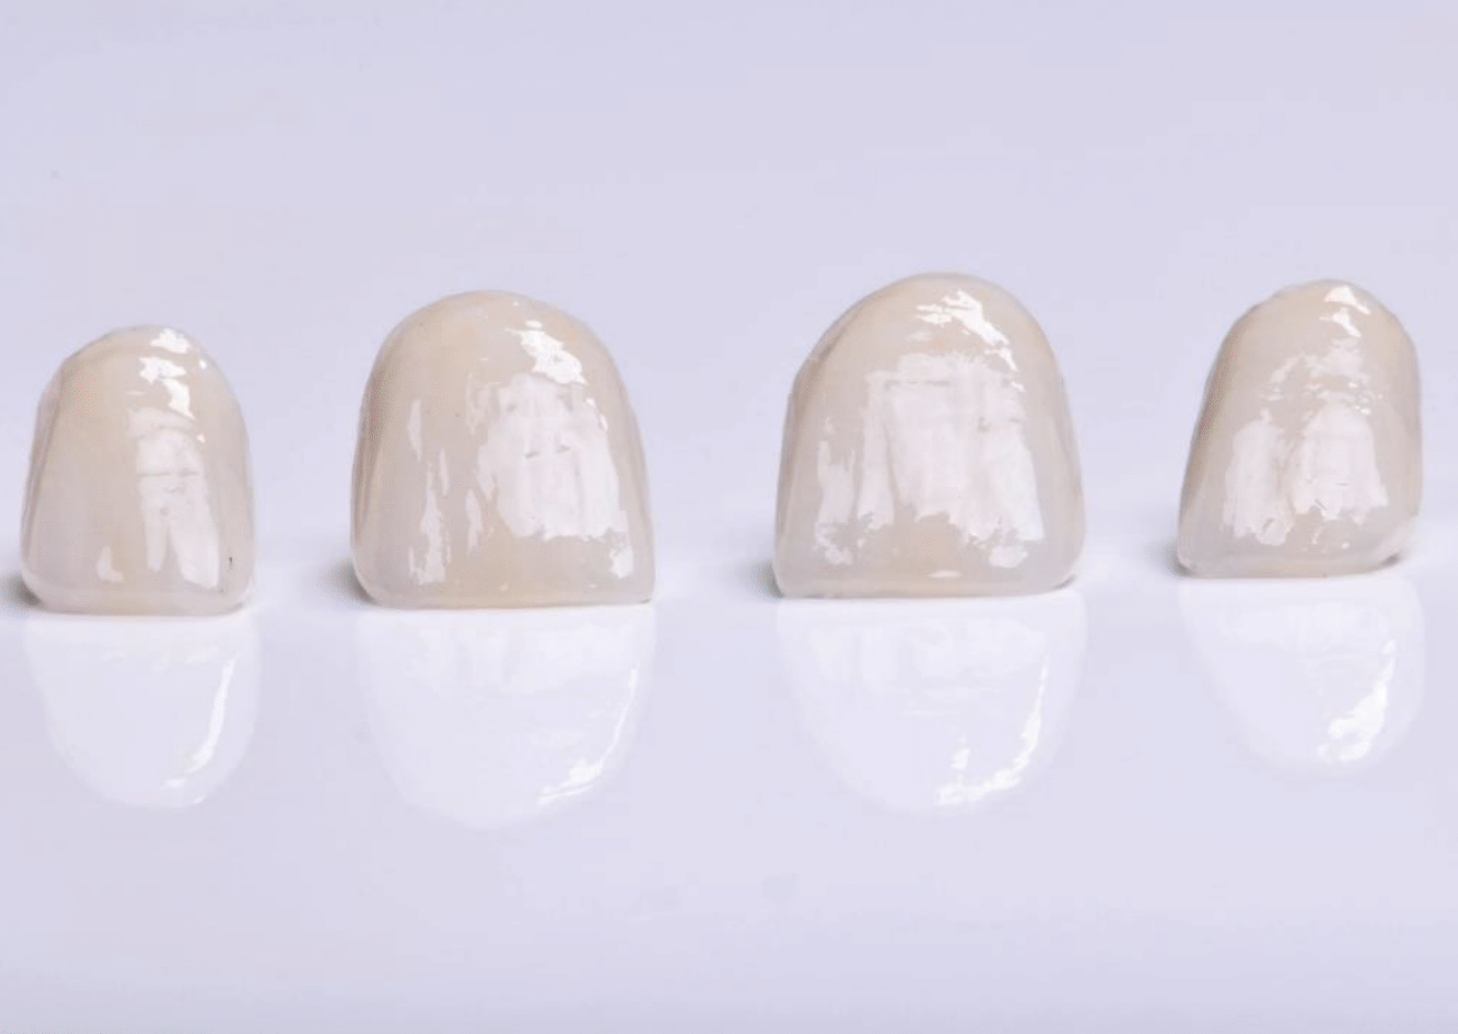 Types of Dental Crown